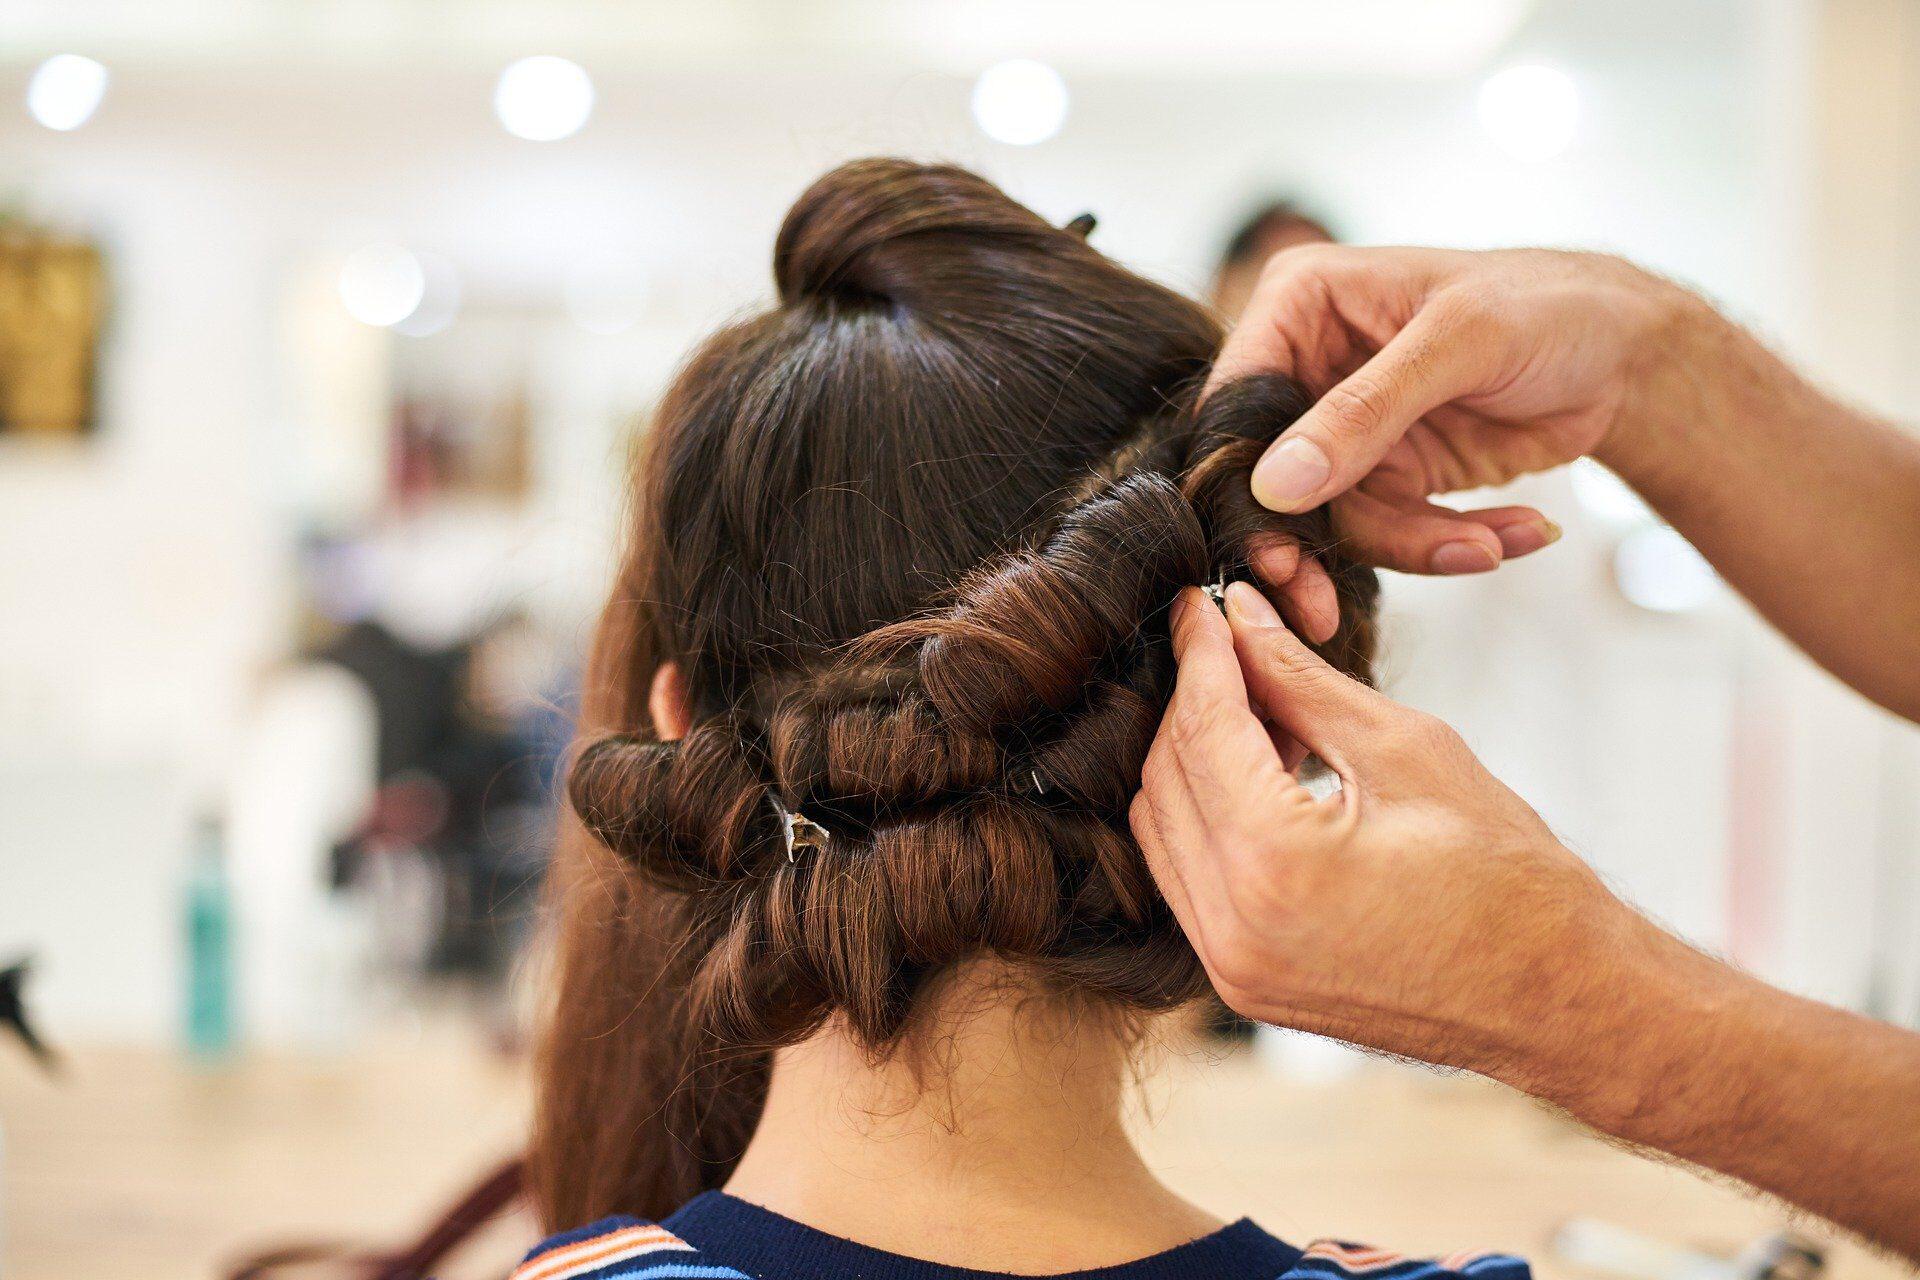 hair-4556496_1920.jpg